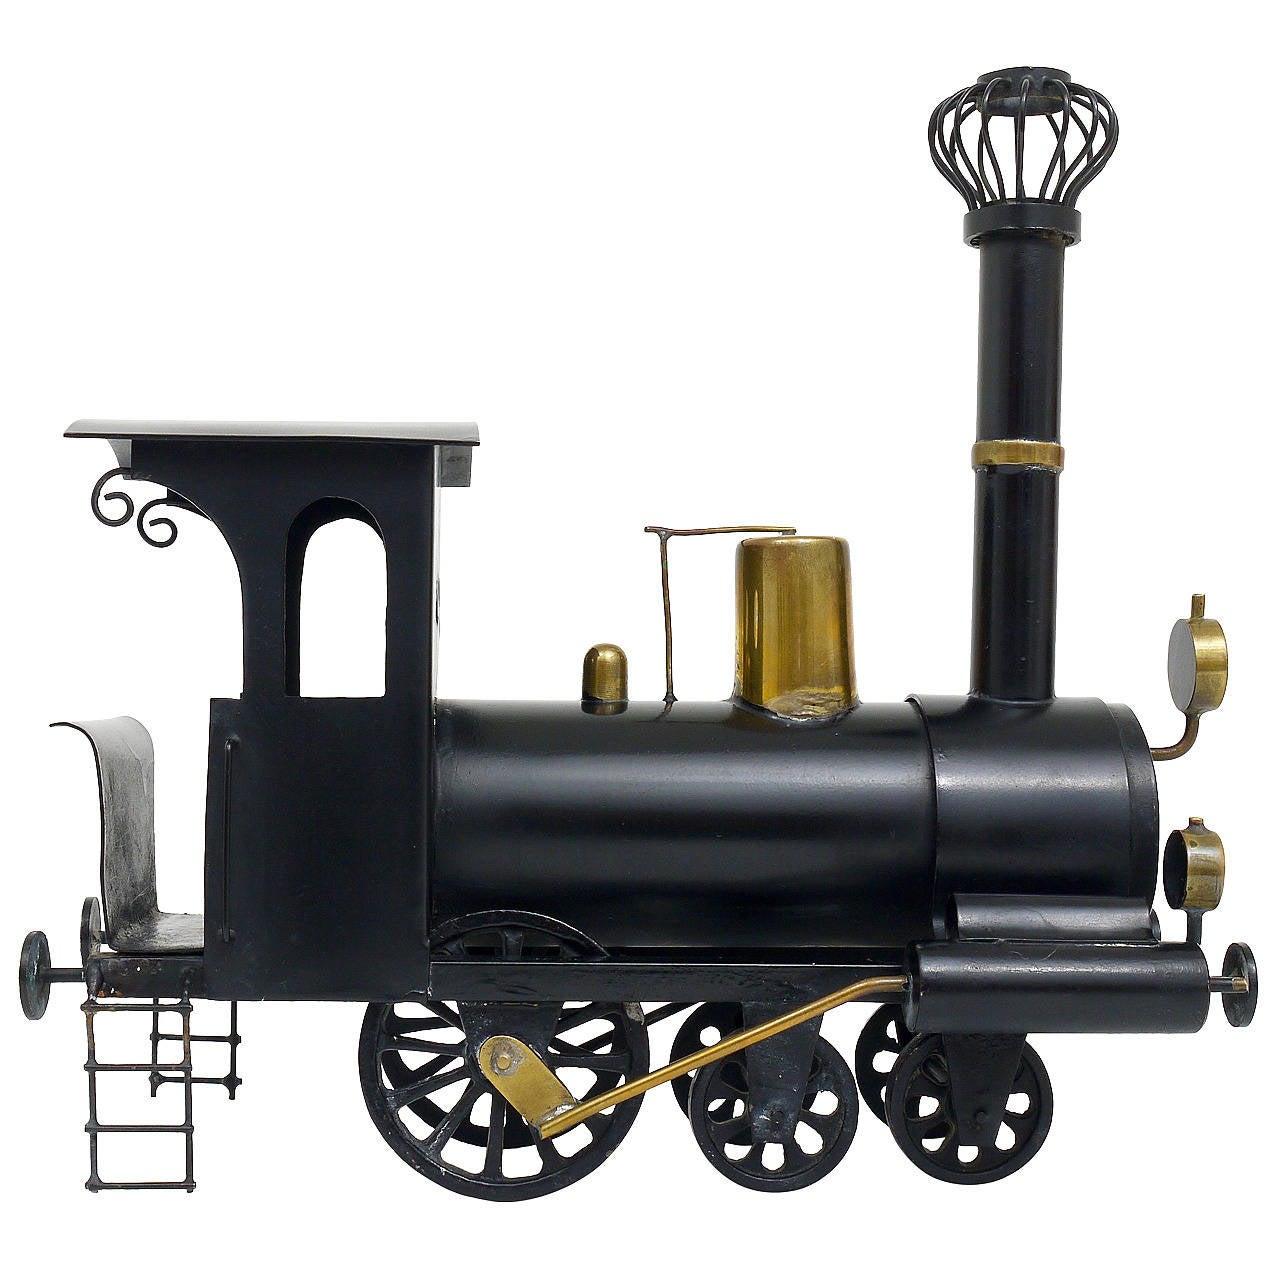 Rare WHW Hagenauer Brass Locomotive Steam Engine, Austria, 1920s